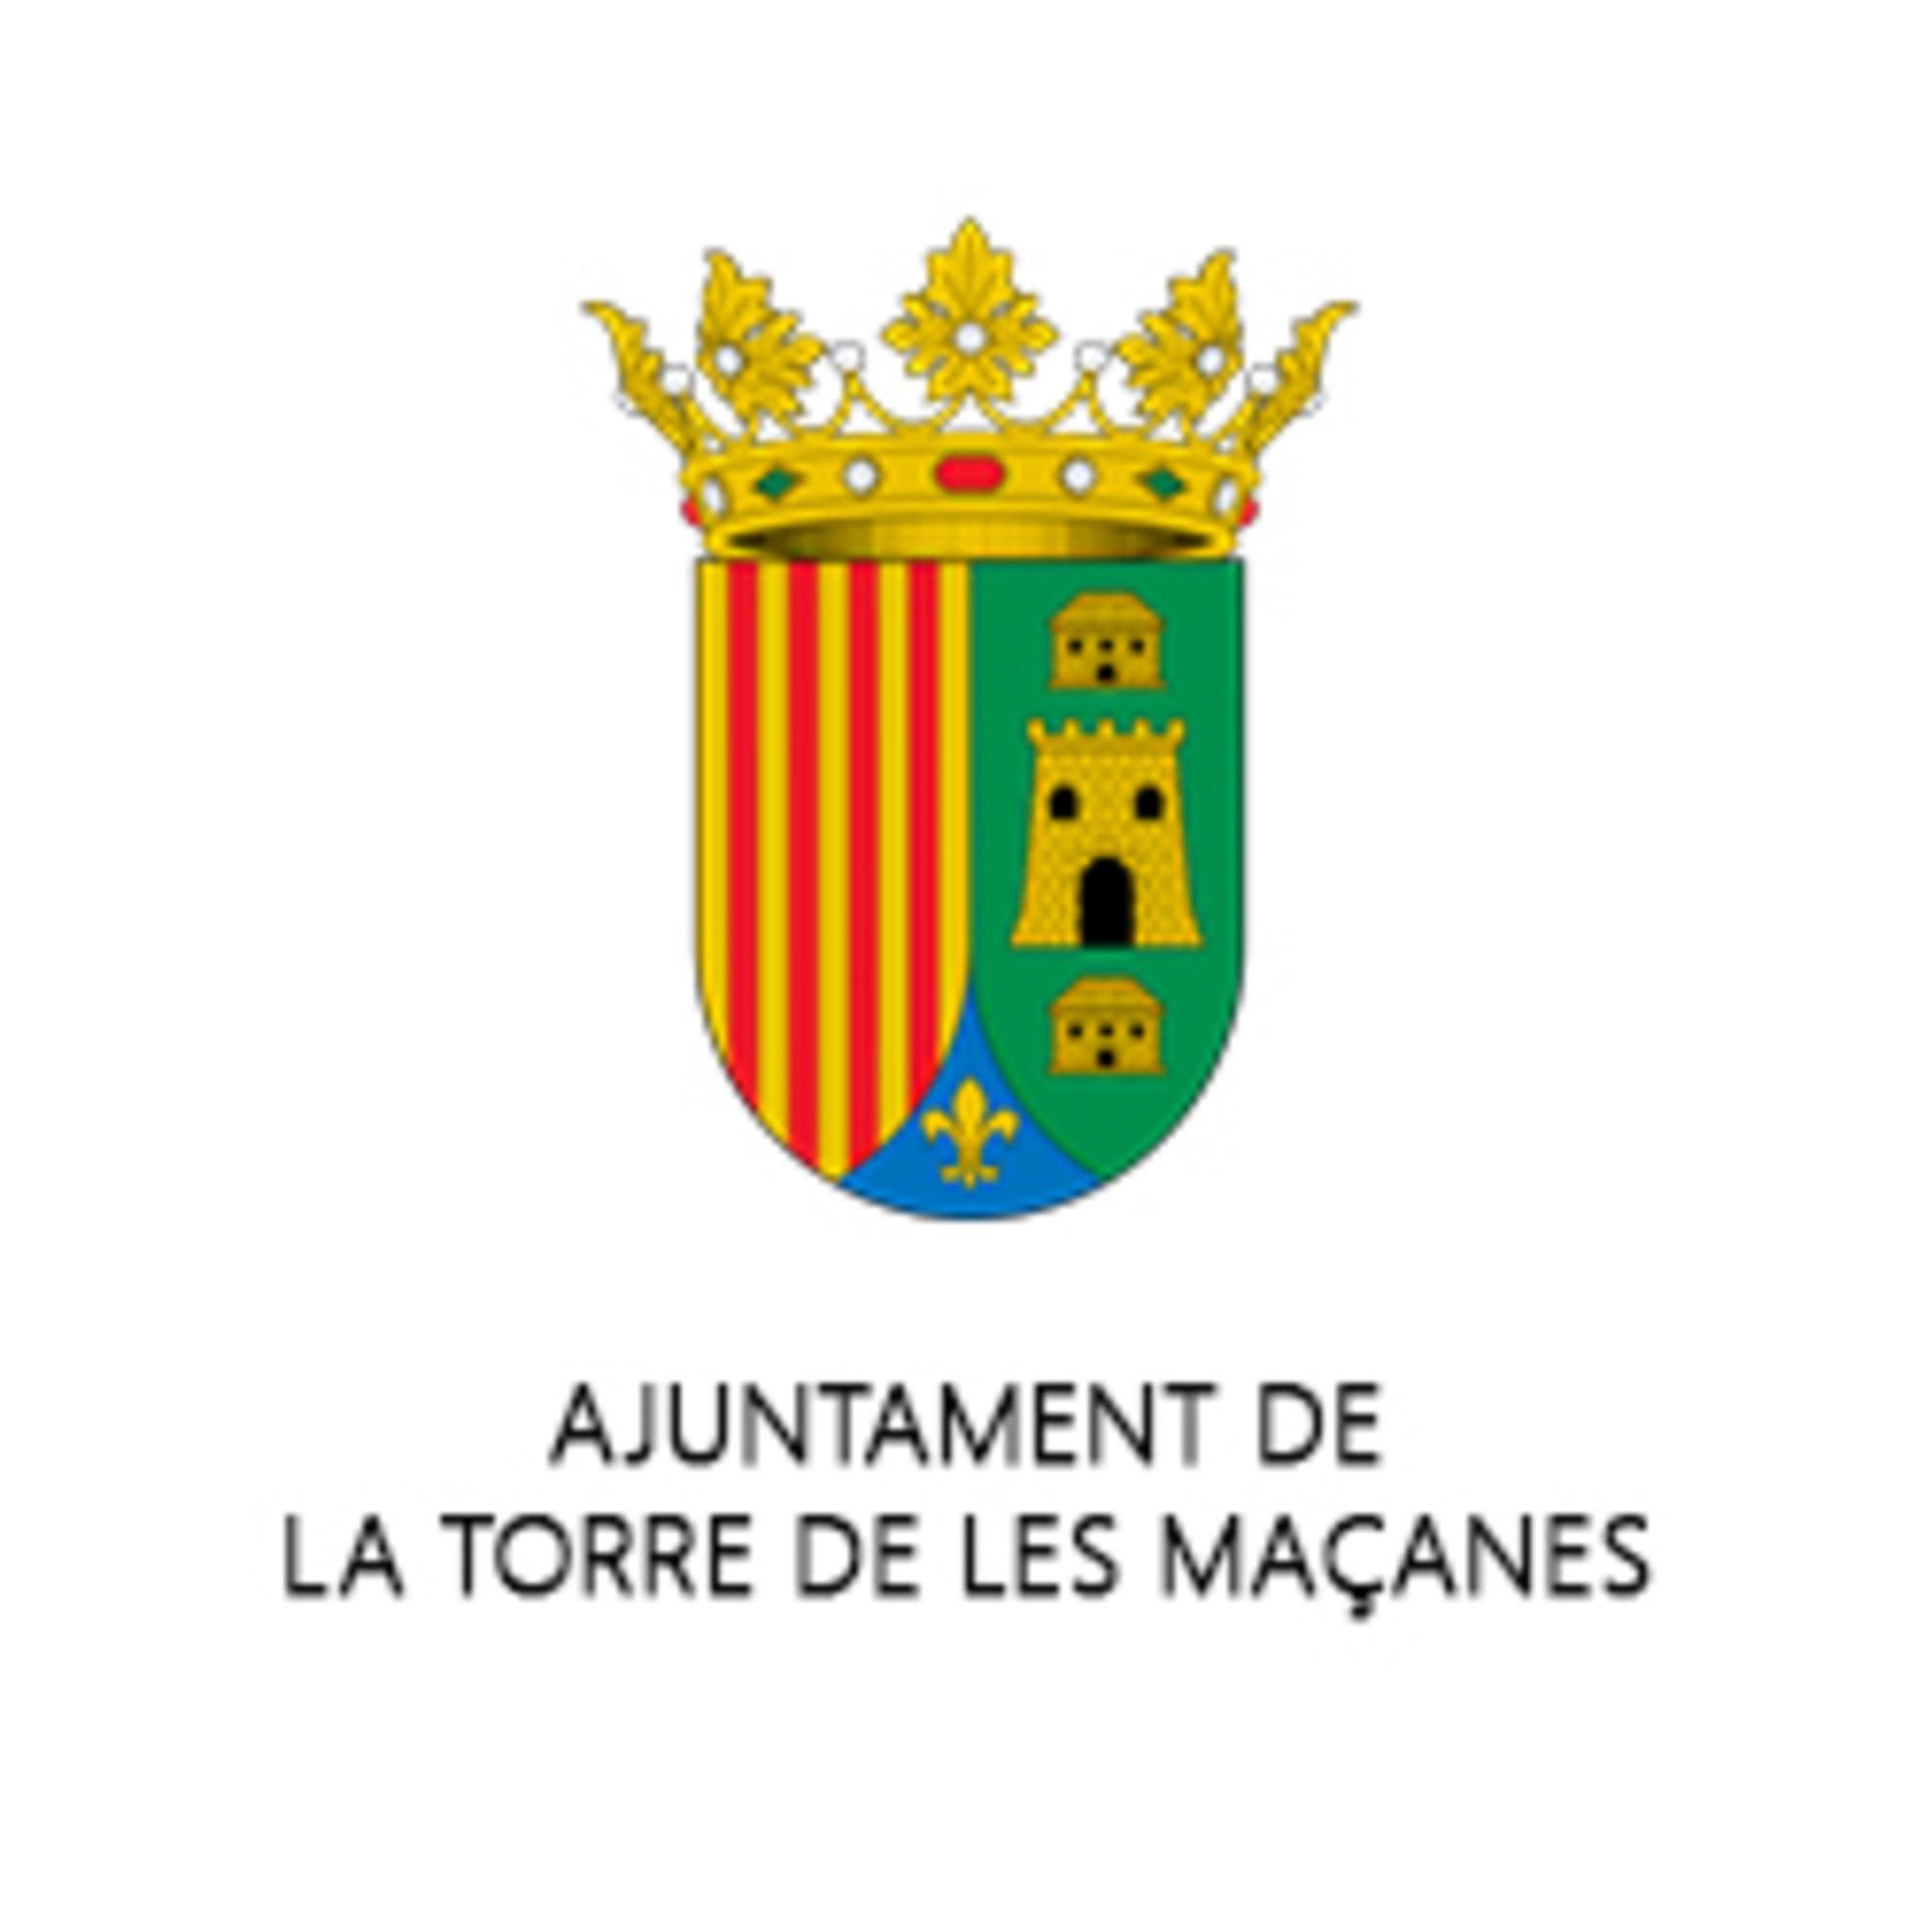 AEDL Ajuntament de la Torre de les Maçanes